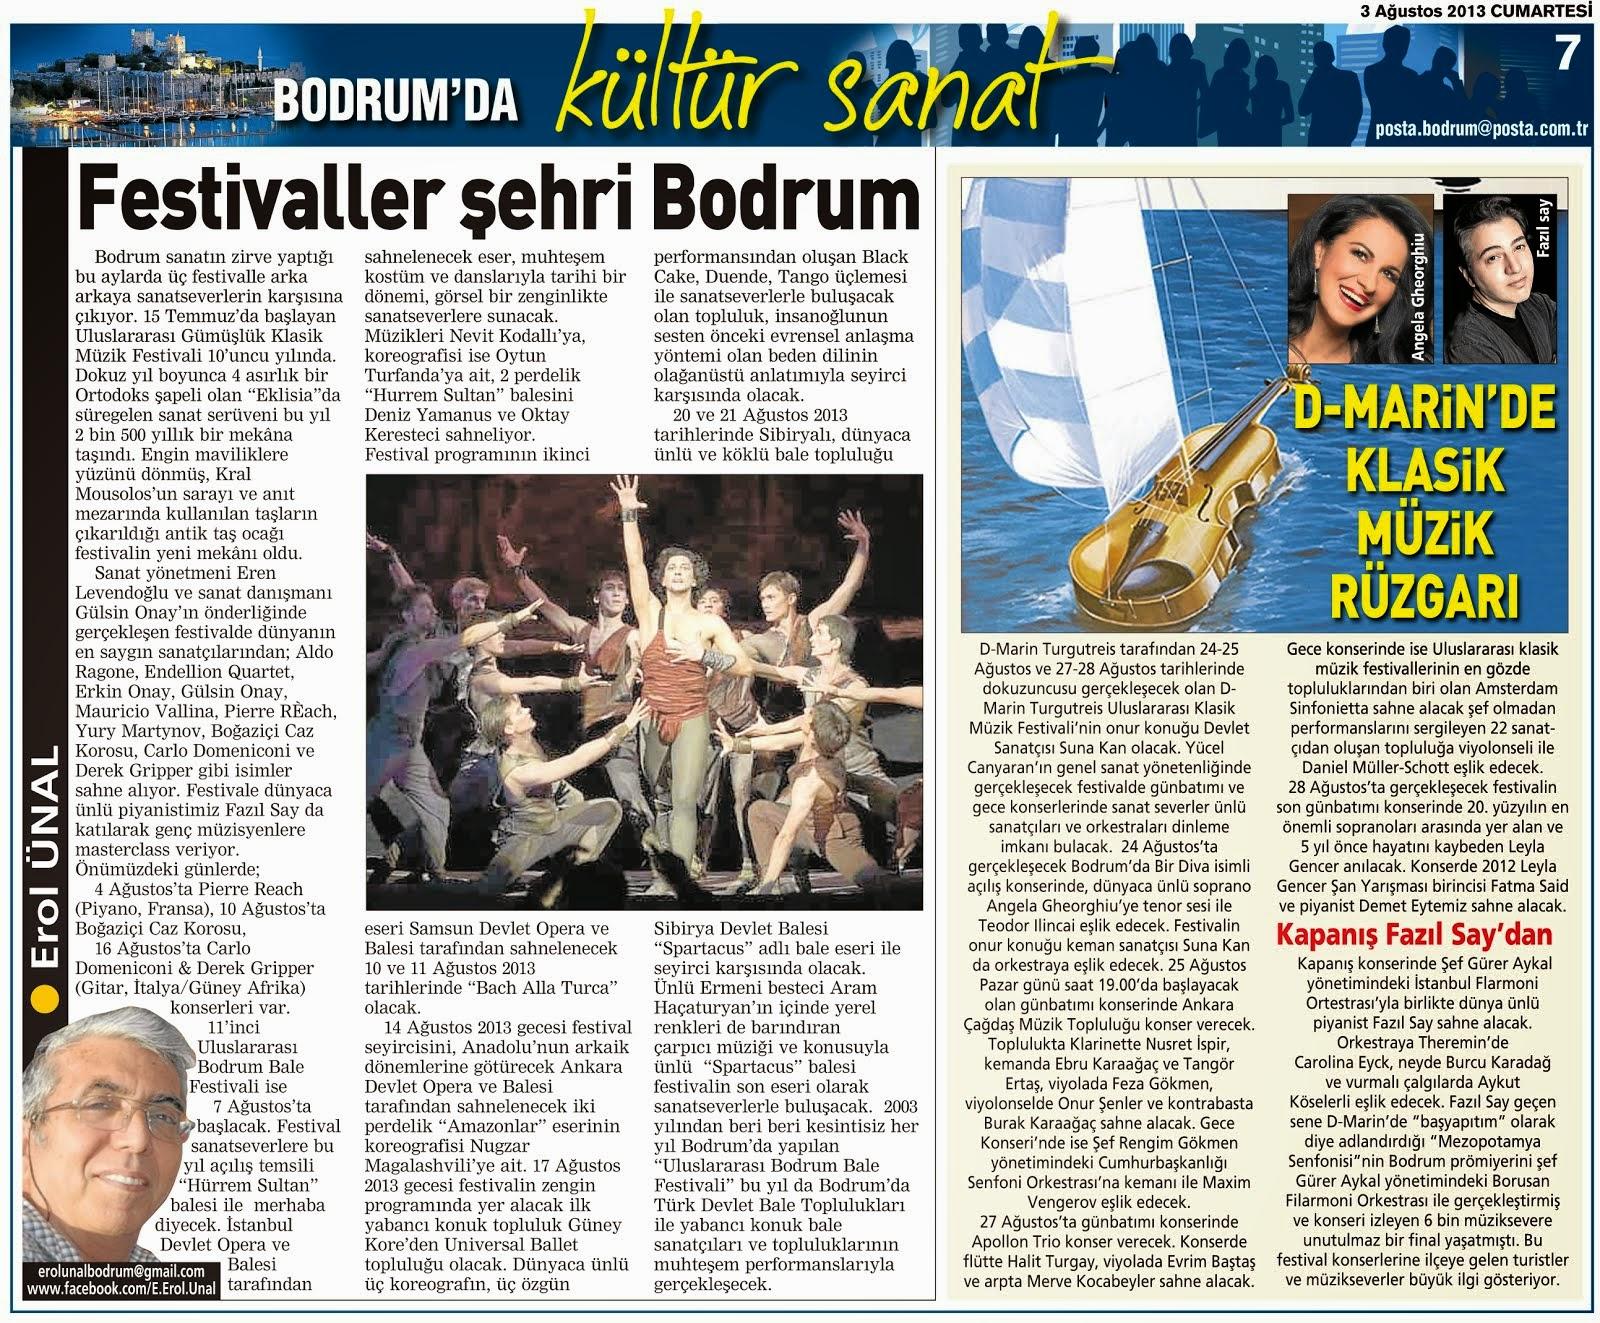 03 FESTİVALLER ŞEHRİ BODRUM